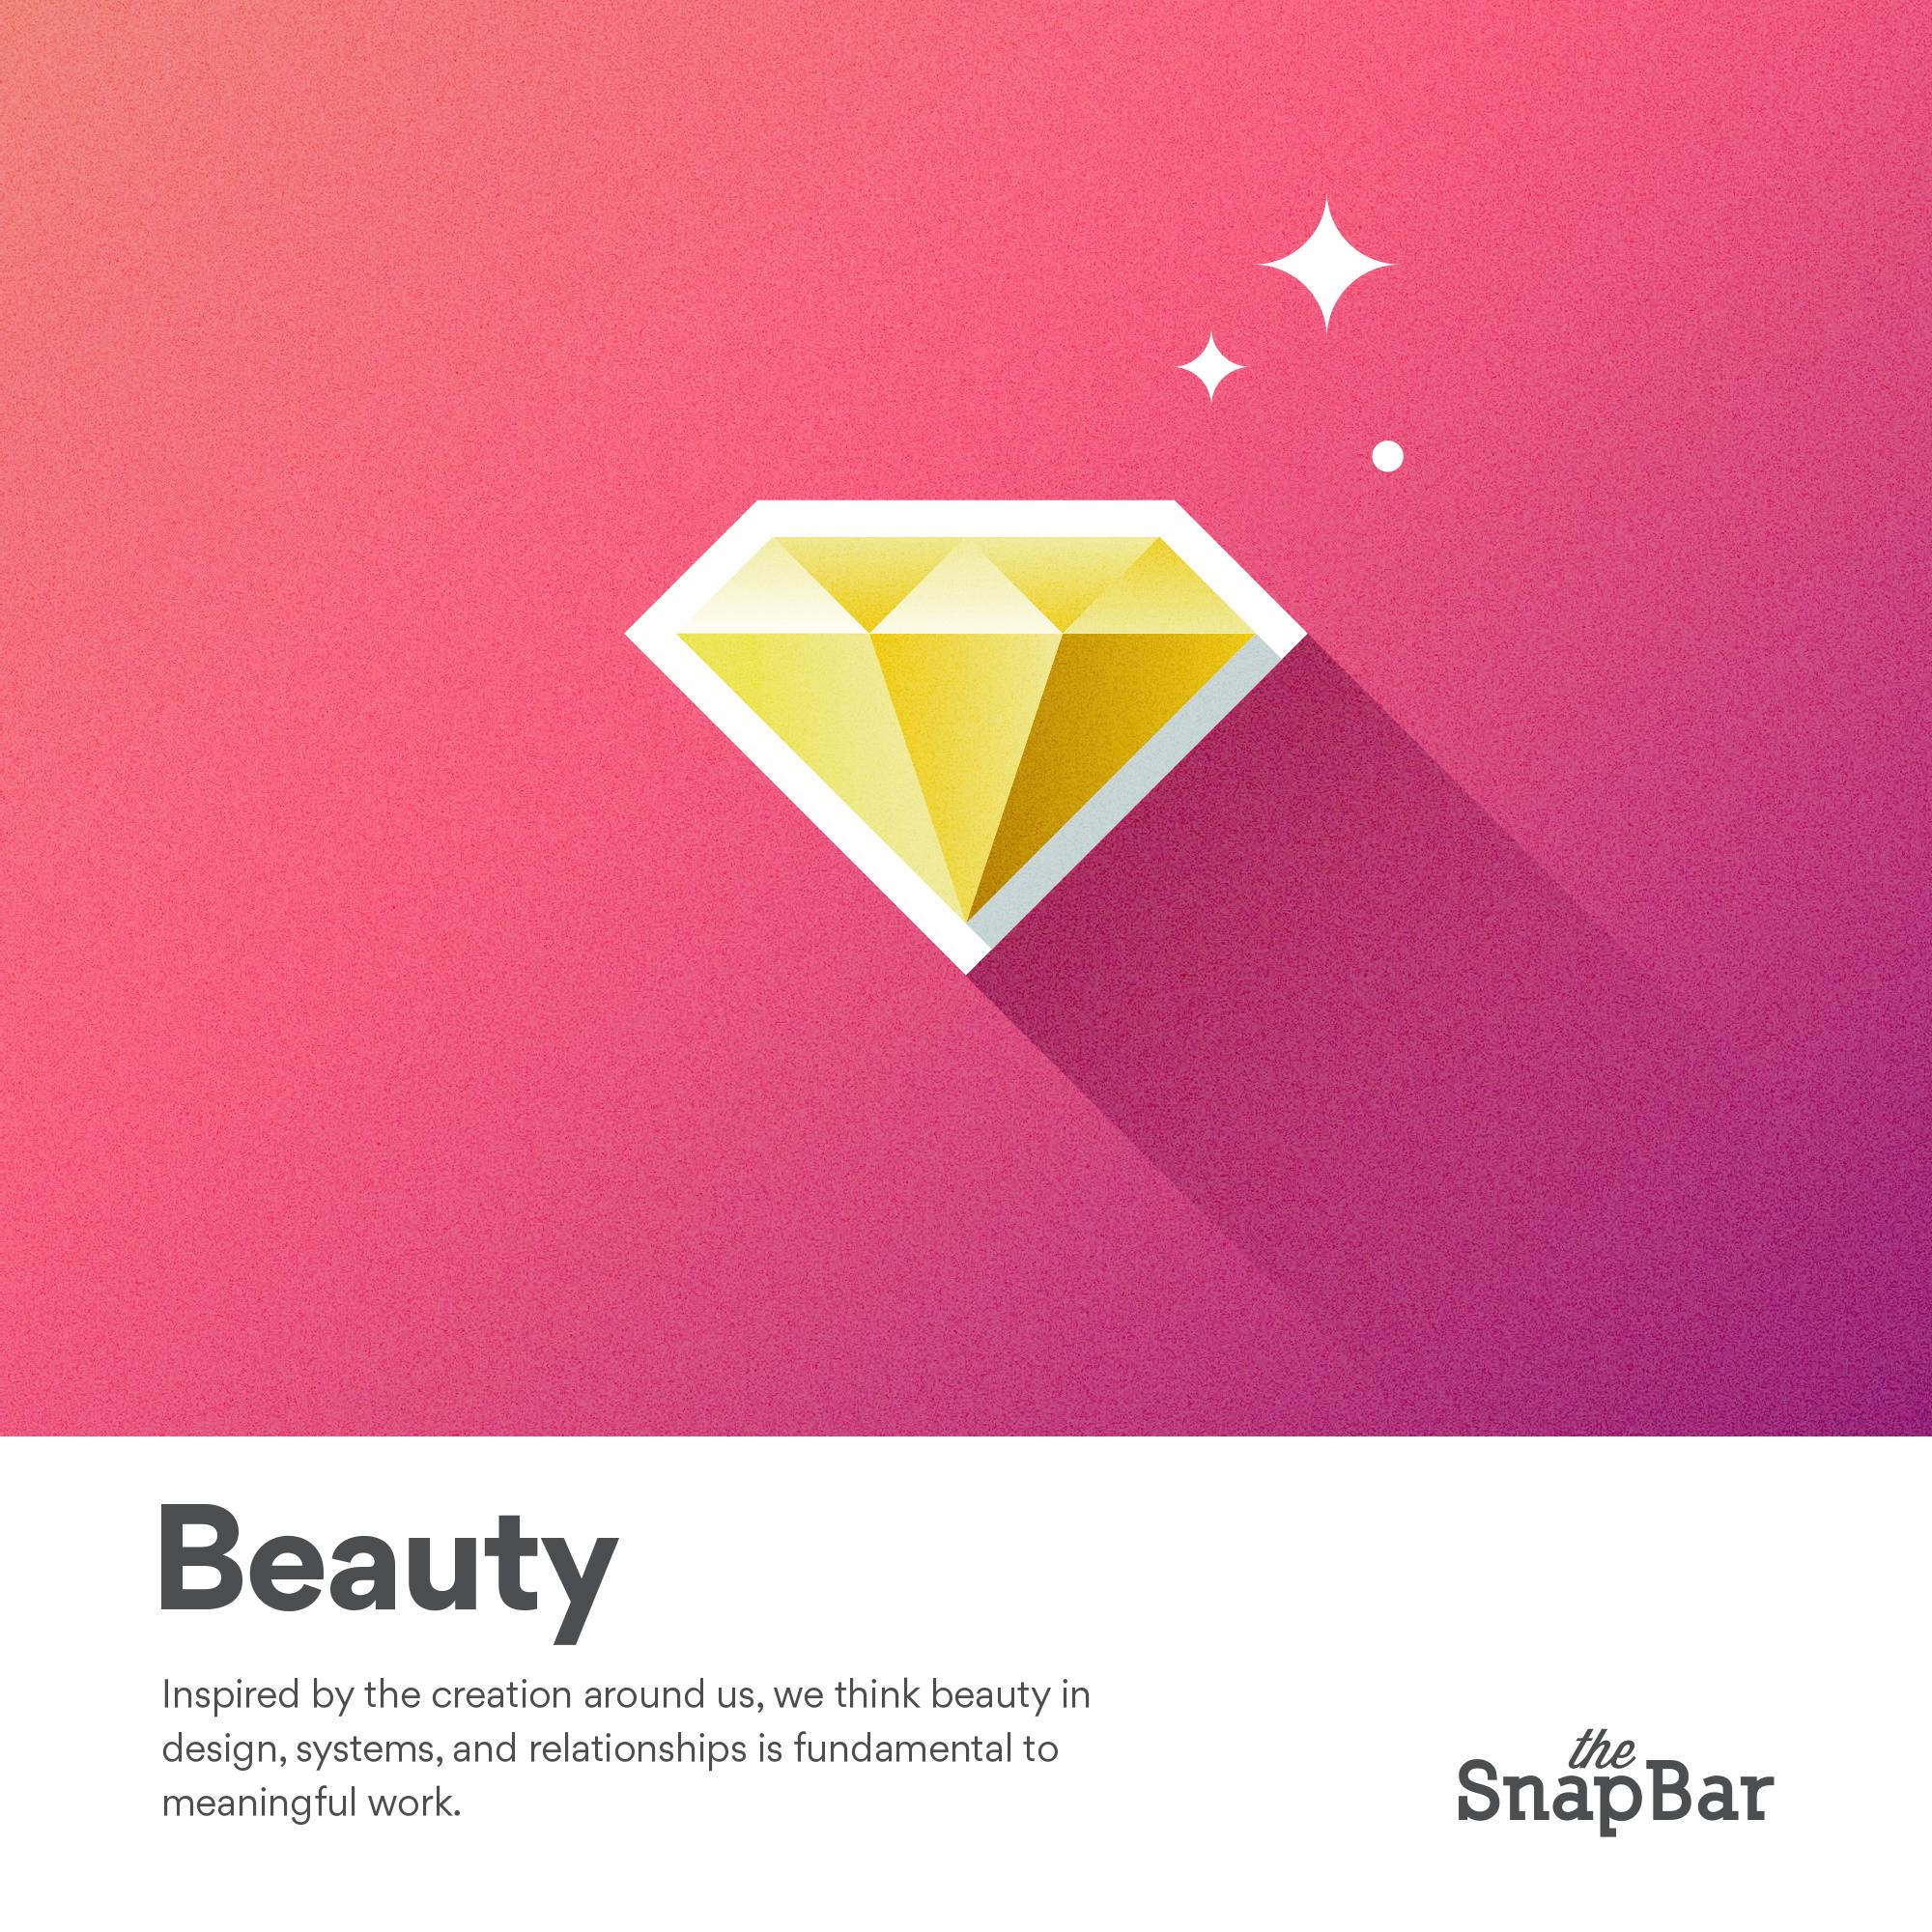 The SnapBar Core Values Beauty